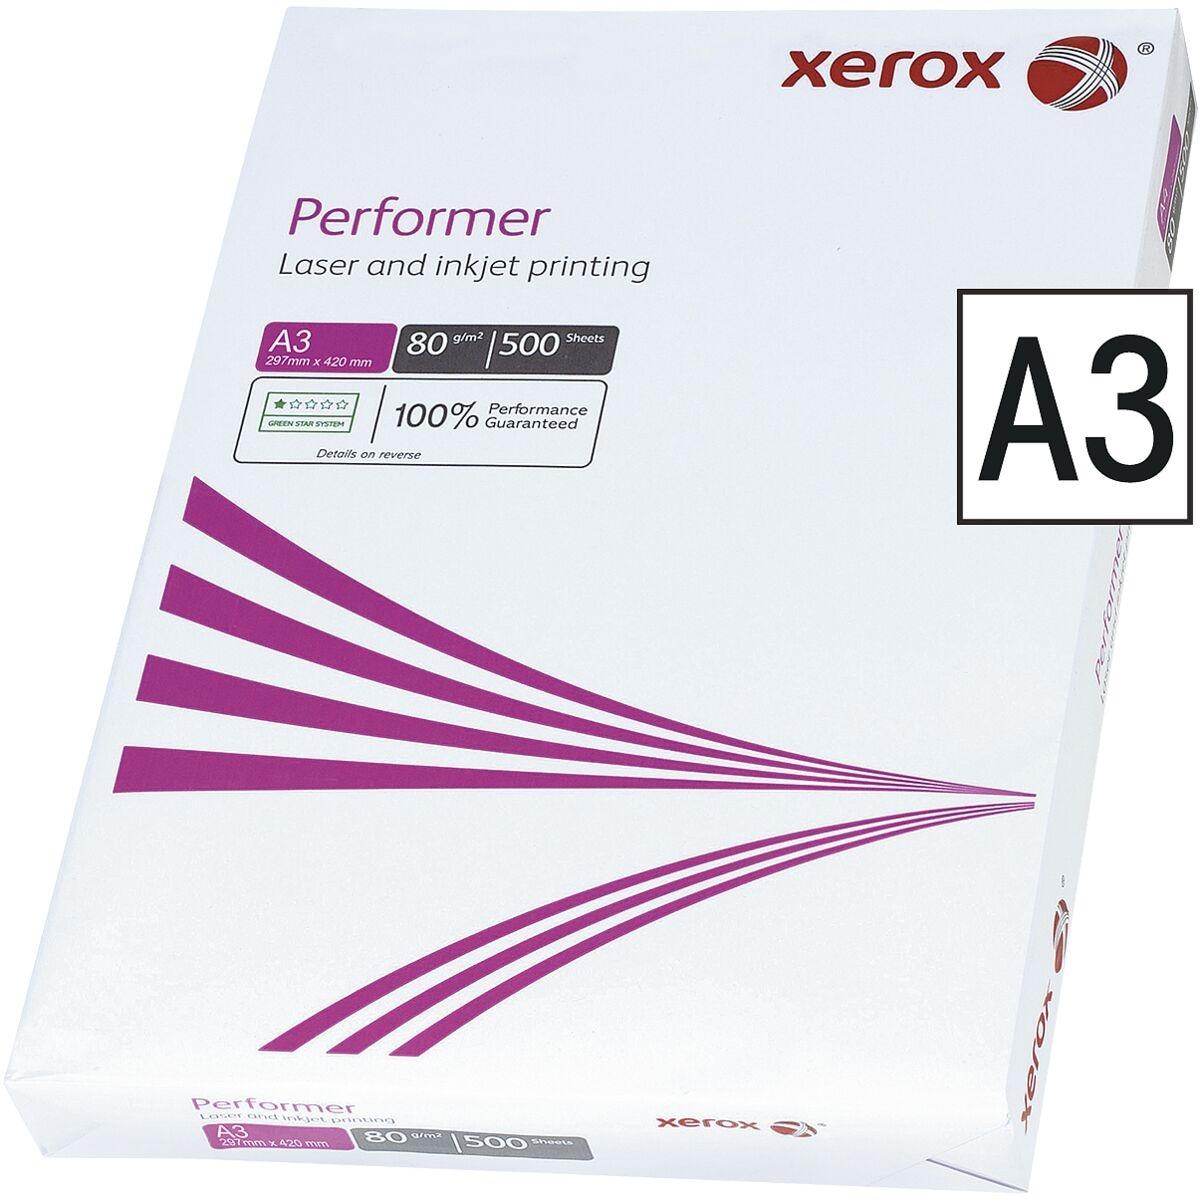 Kopierpapier A3 Xerox Performer - 500 Blatt gesamt, 80g/qm